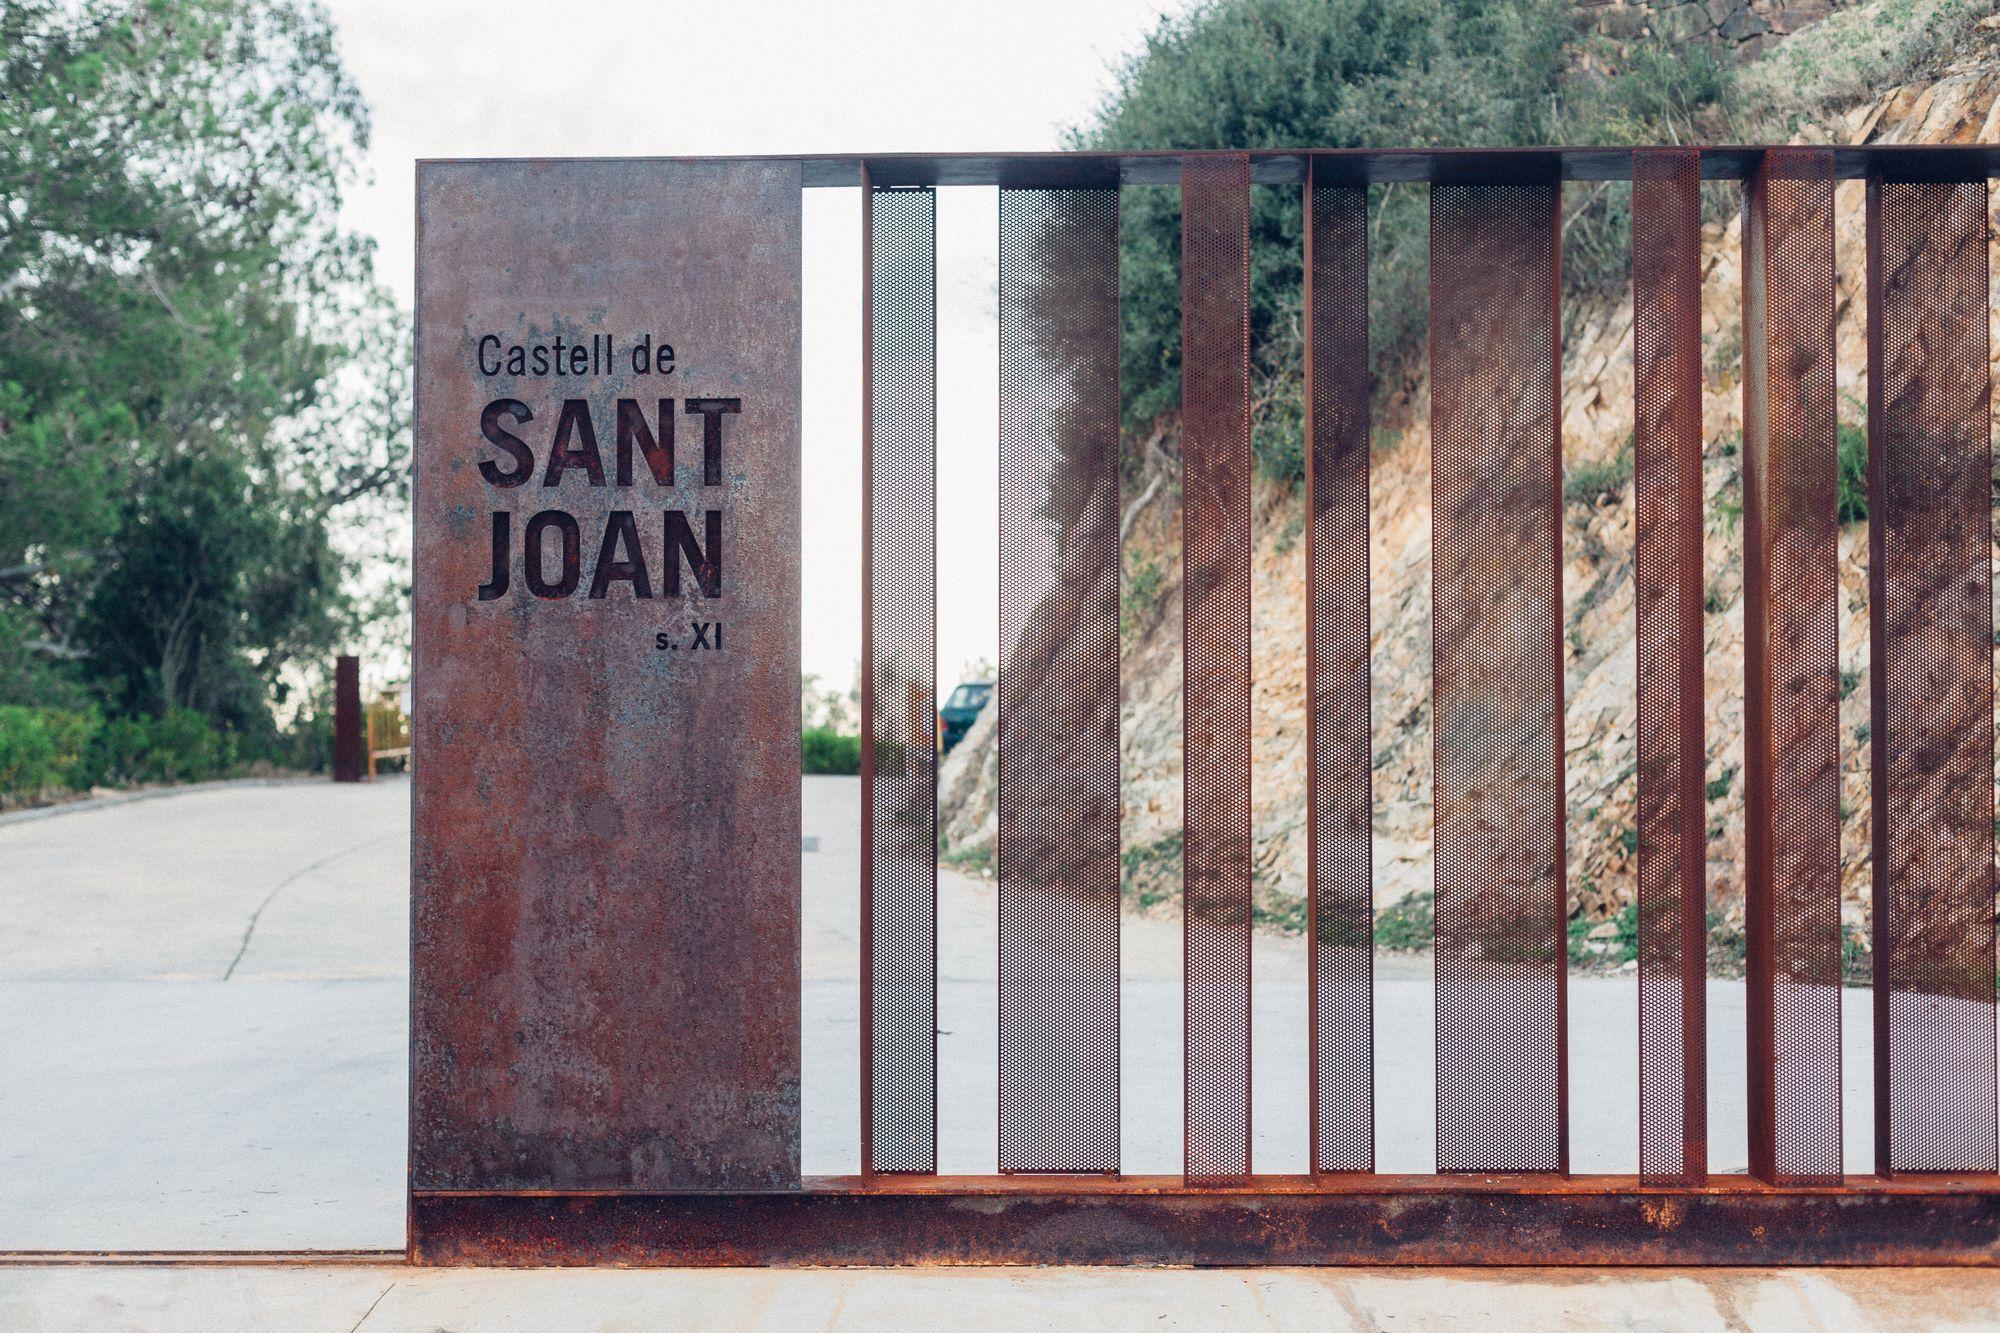 Estudi nus adecuaciÓn del acceso al castell de sant joan blanes